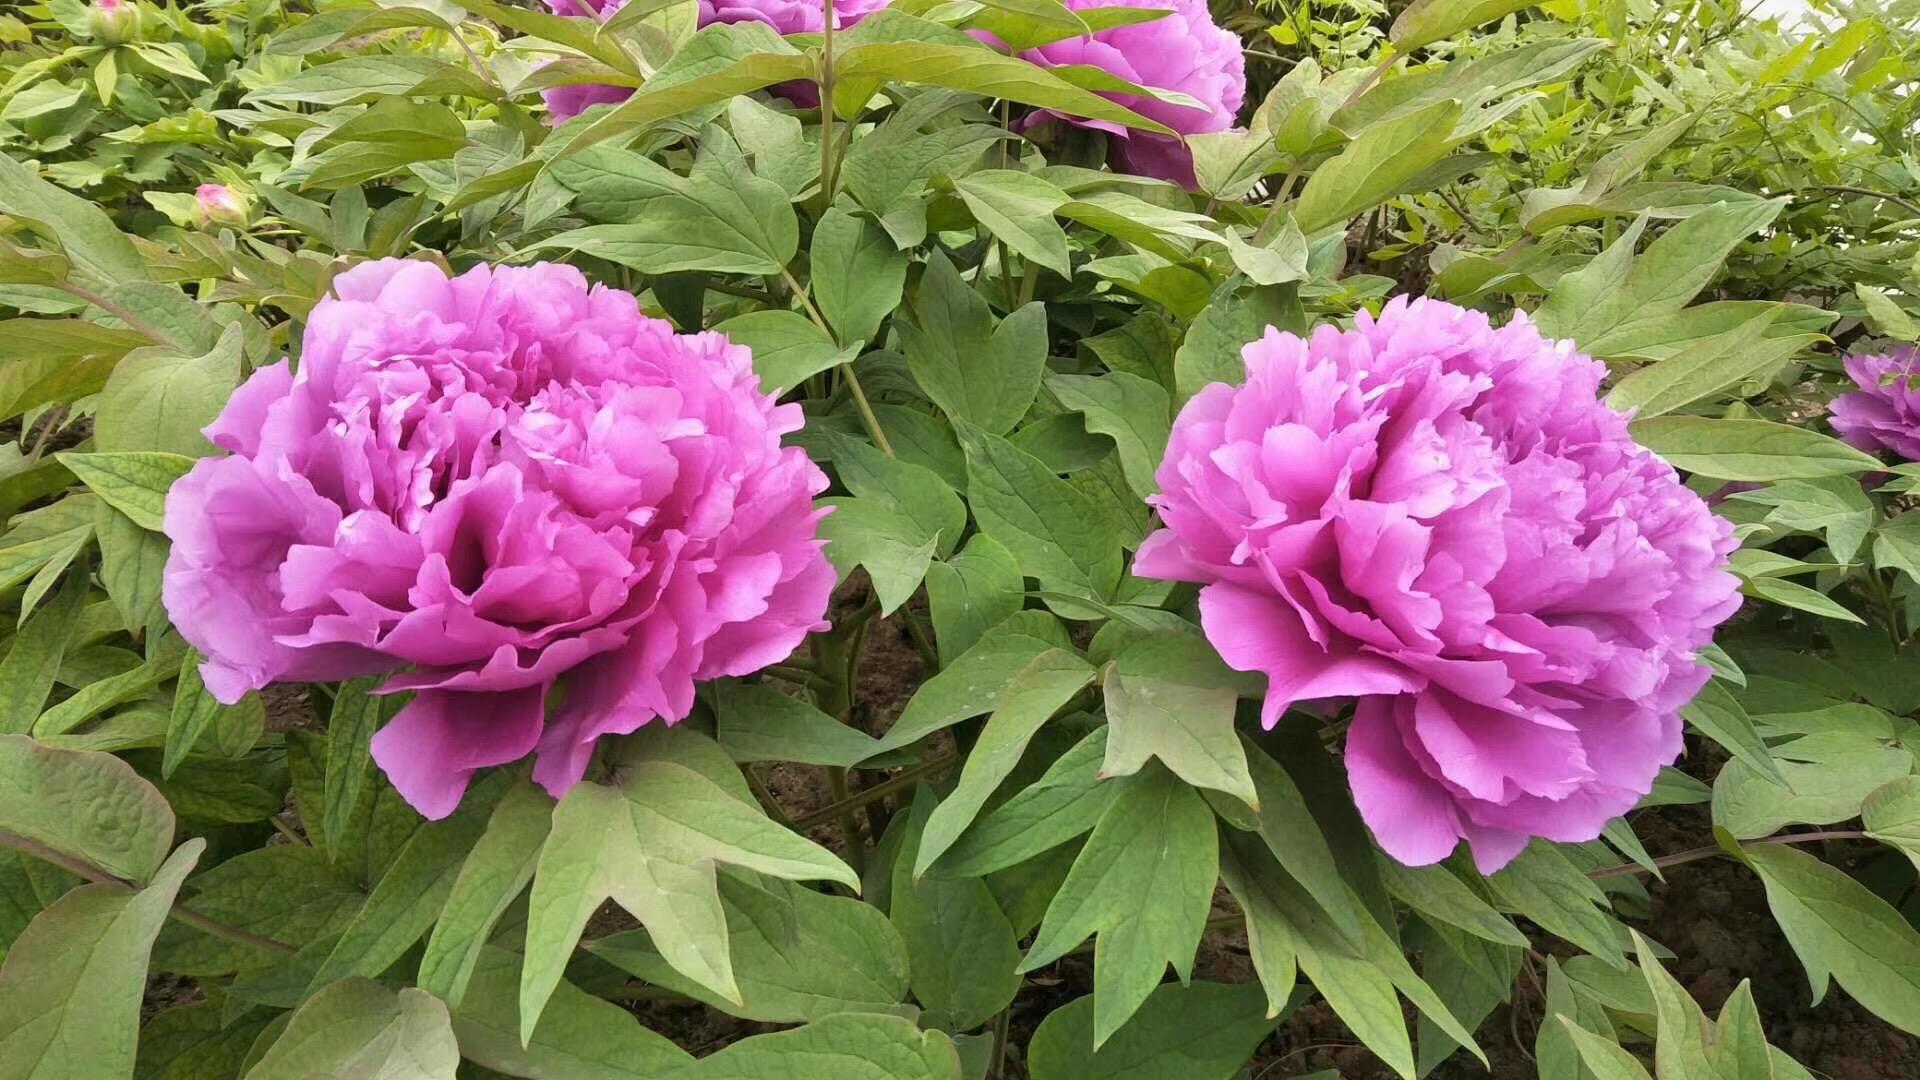 Hình cây hoa mẫu đơn